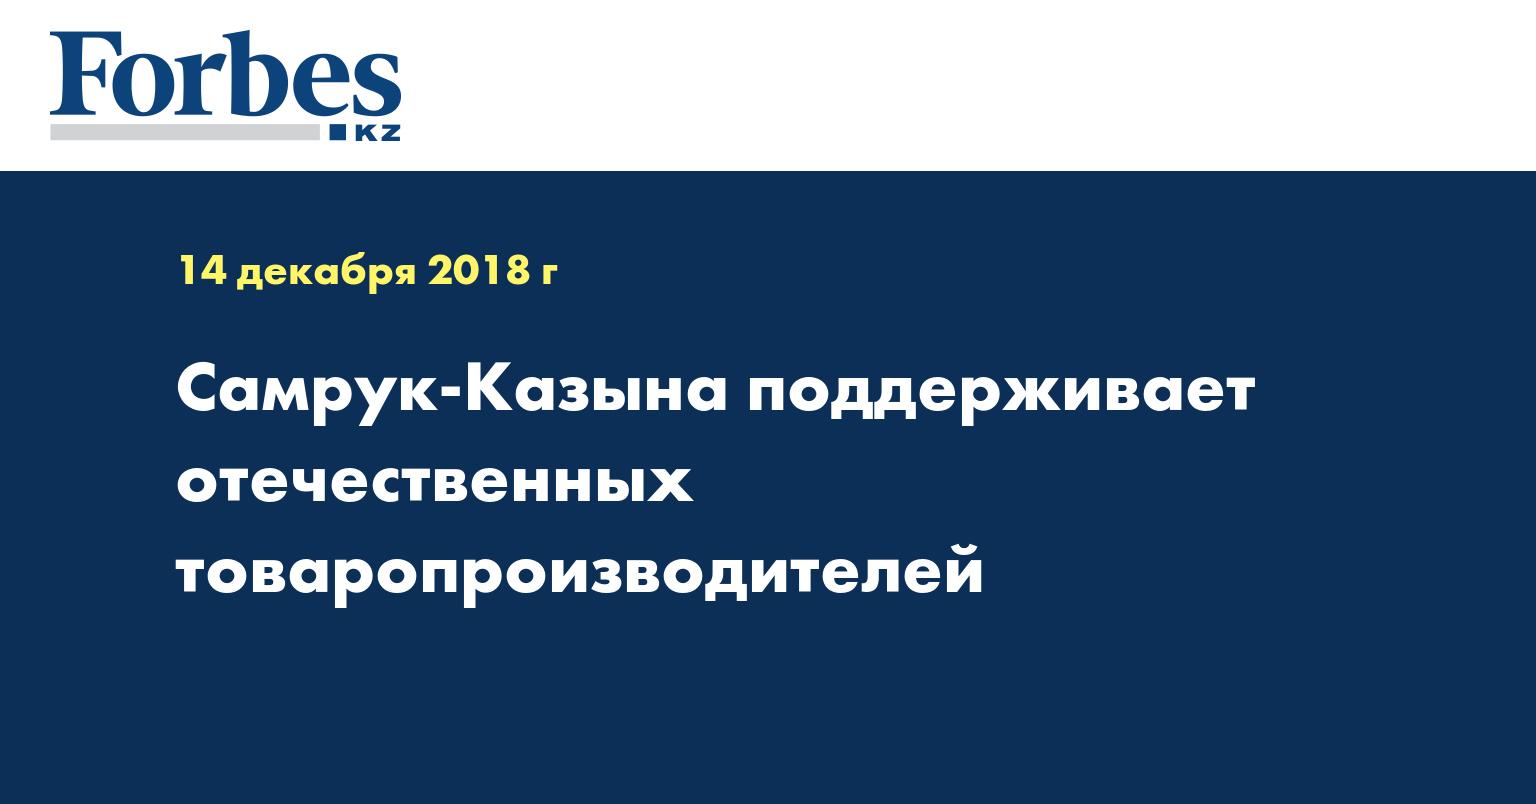 Самрук-Казына поддерживает отечественных товаропроизводителей